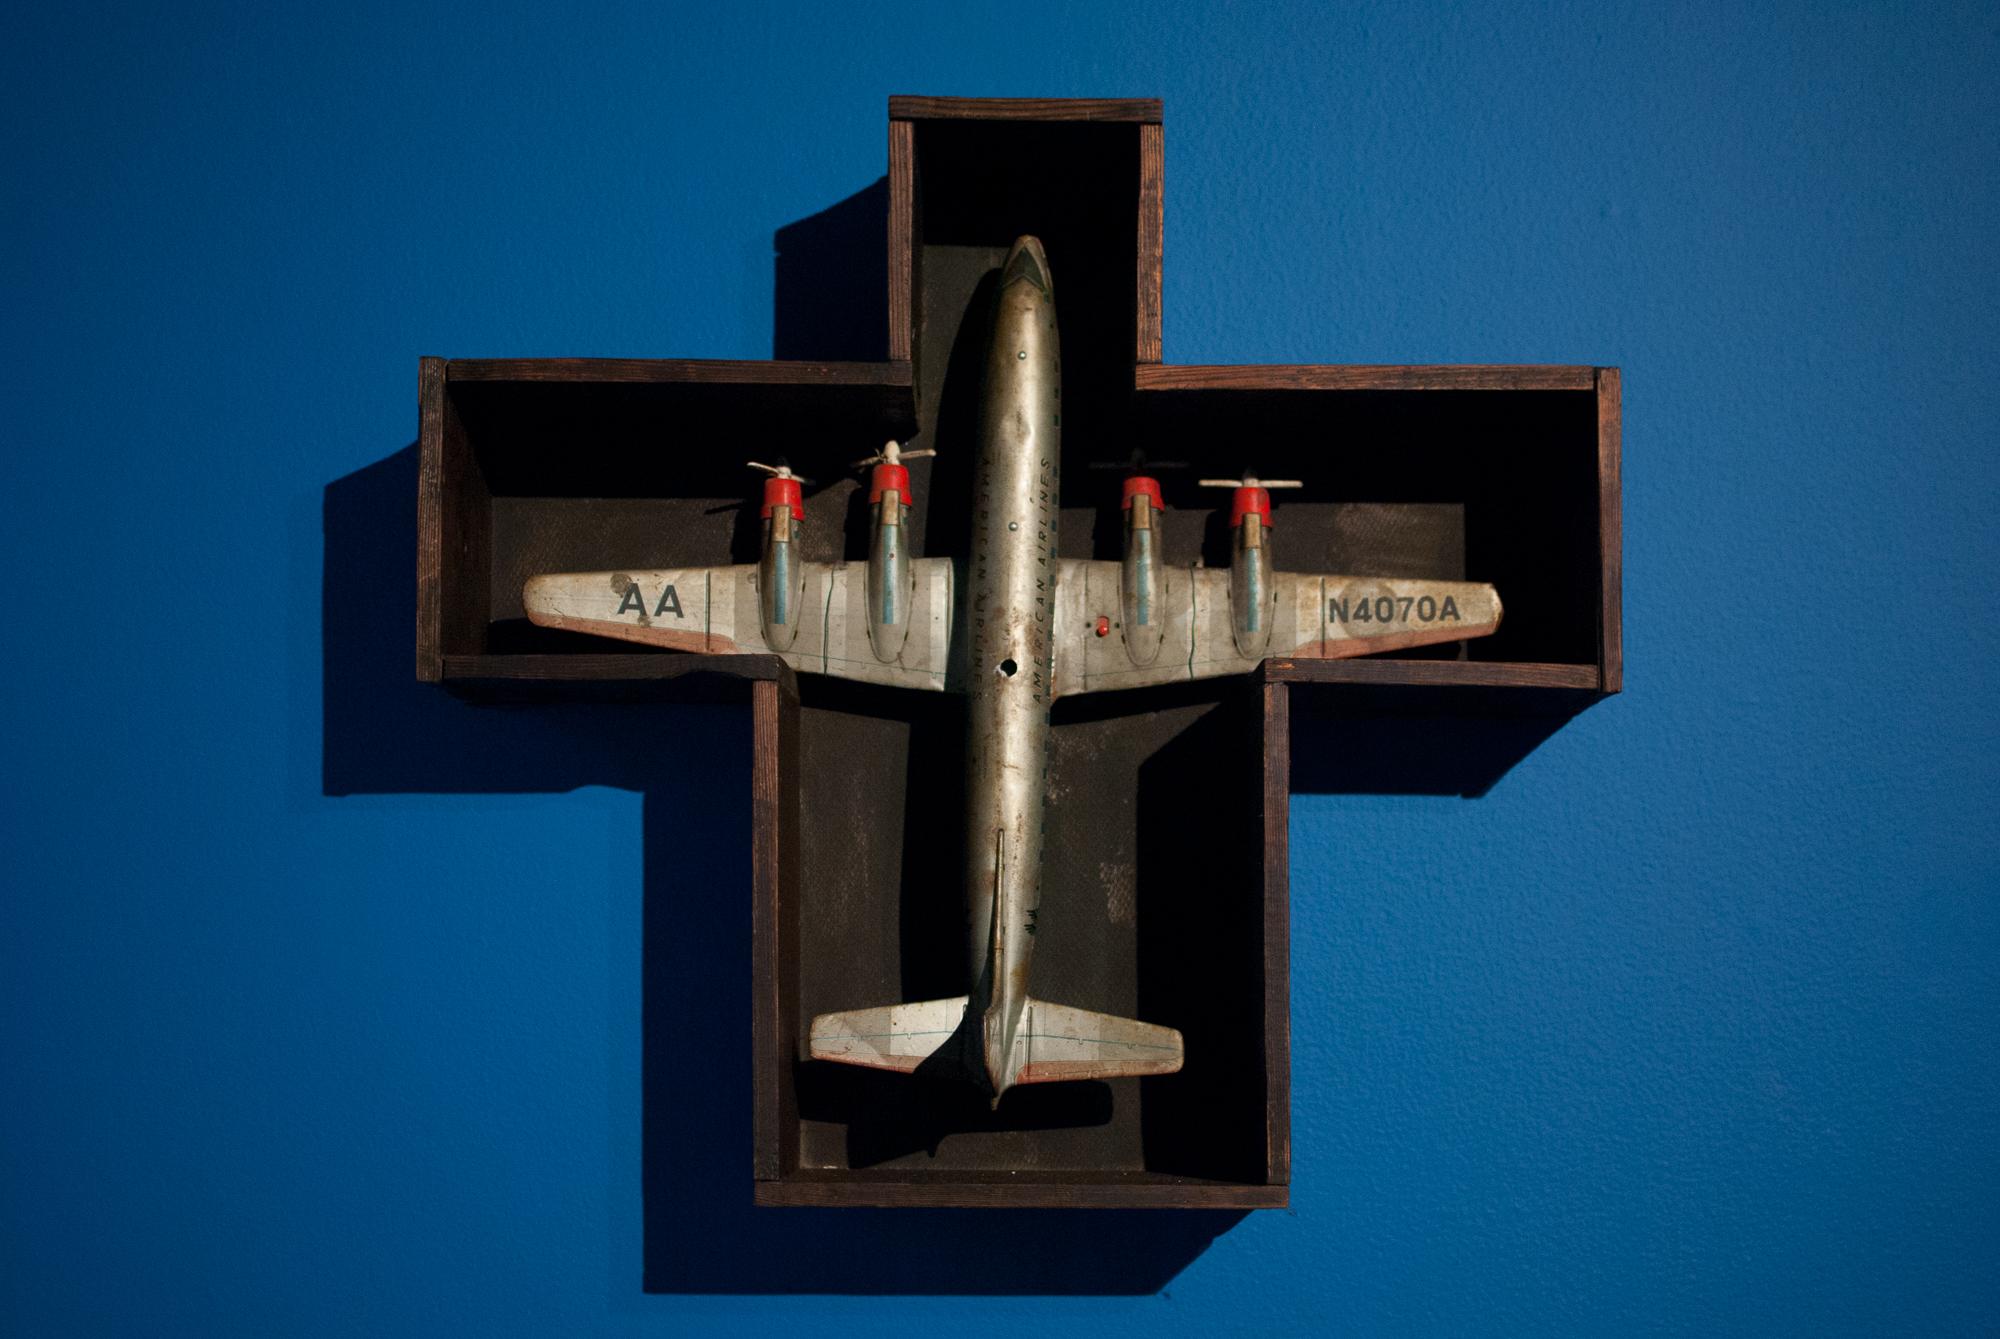 33. Caja avión A.A.